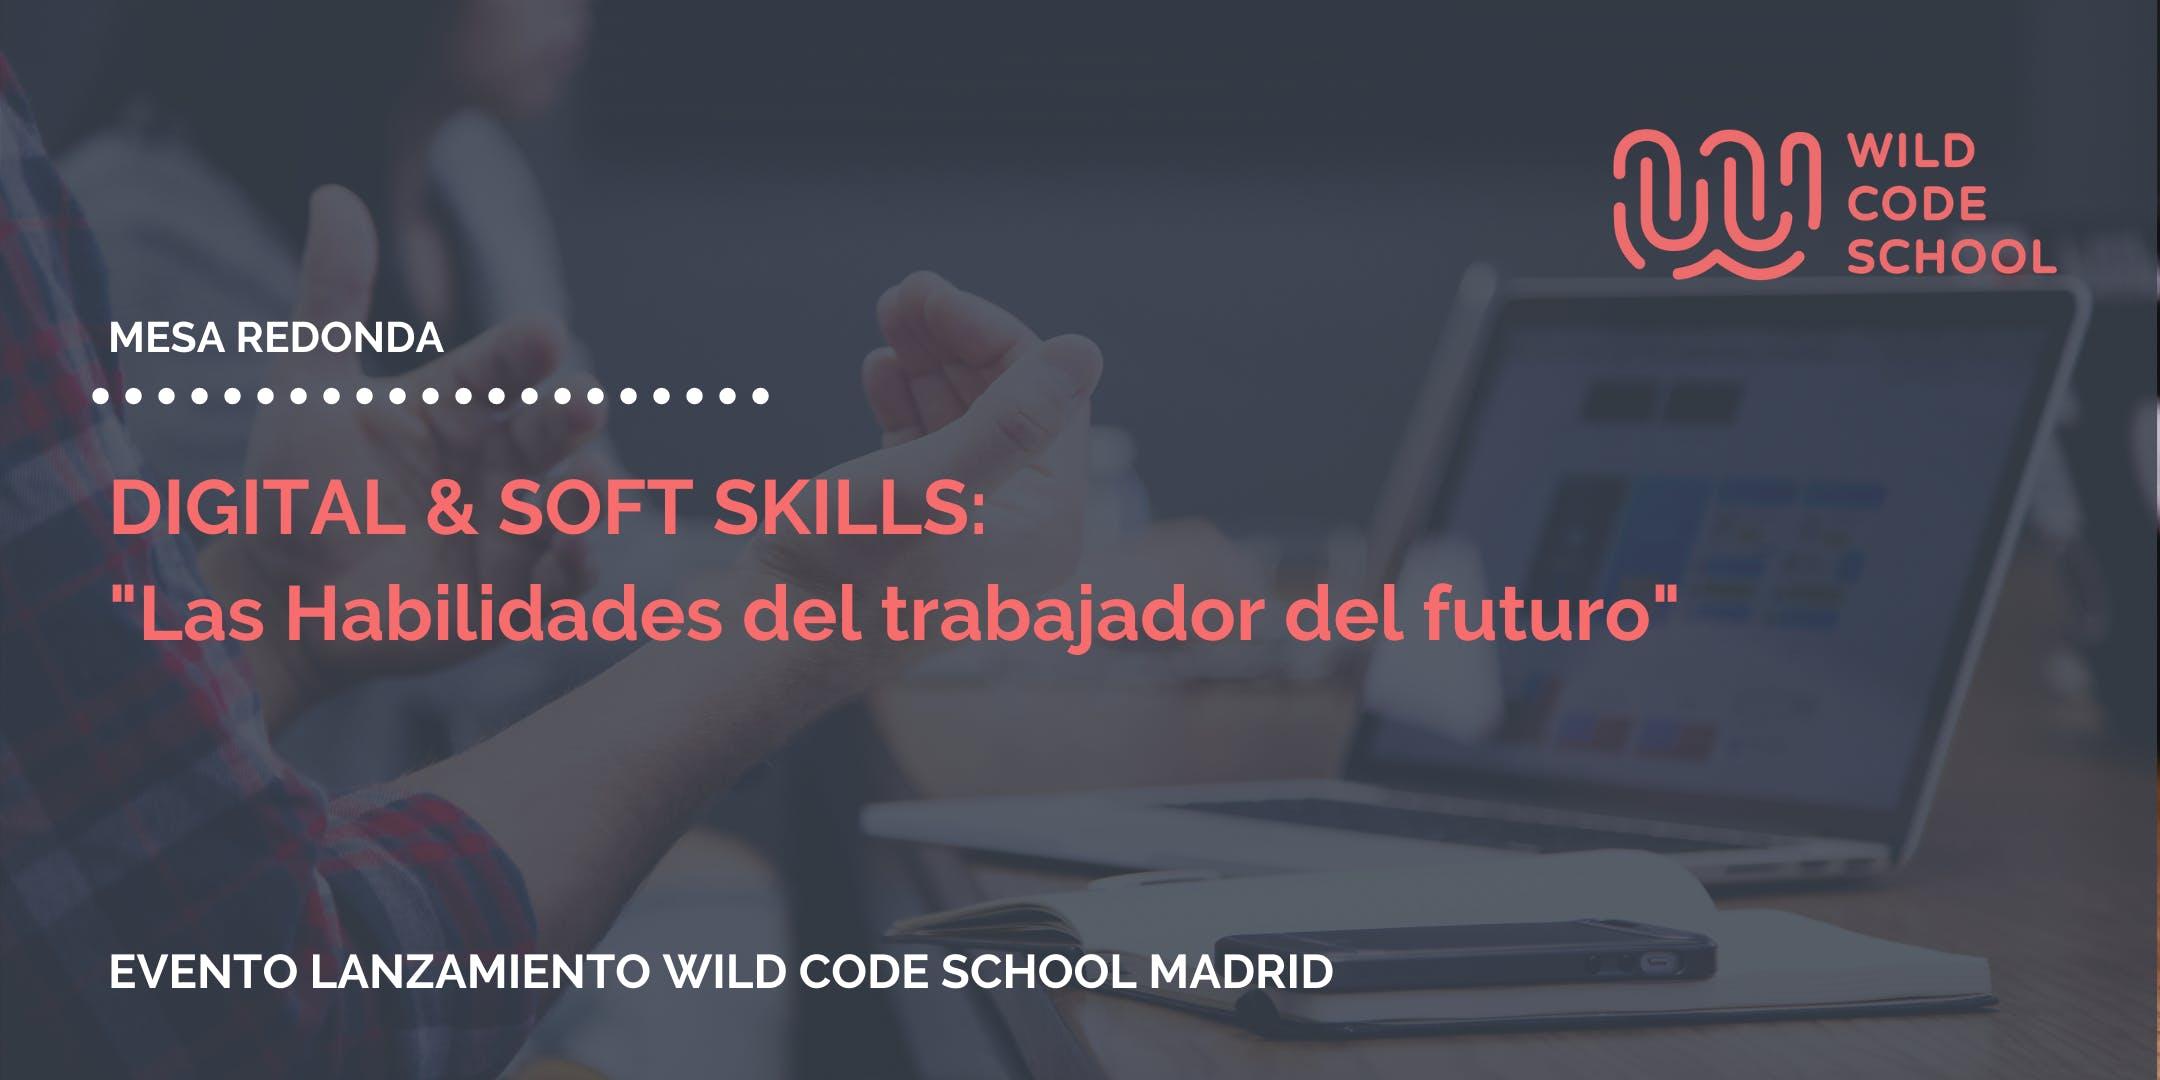 Digital & Soft Skills: Las habilidades del trabajador del futuro